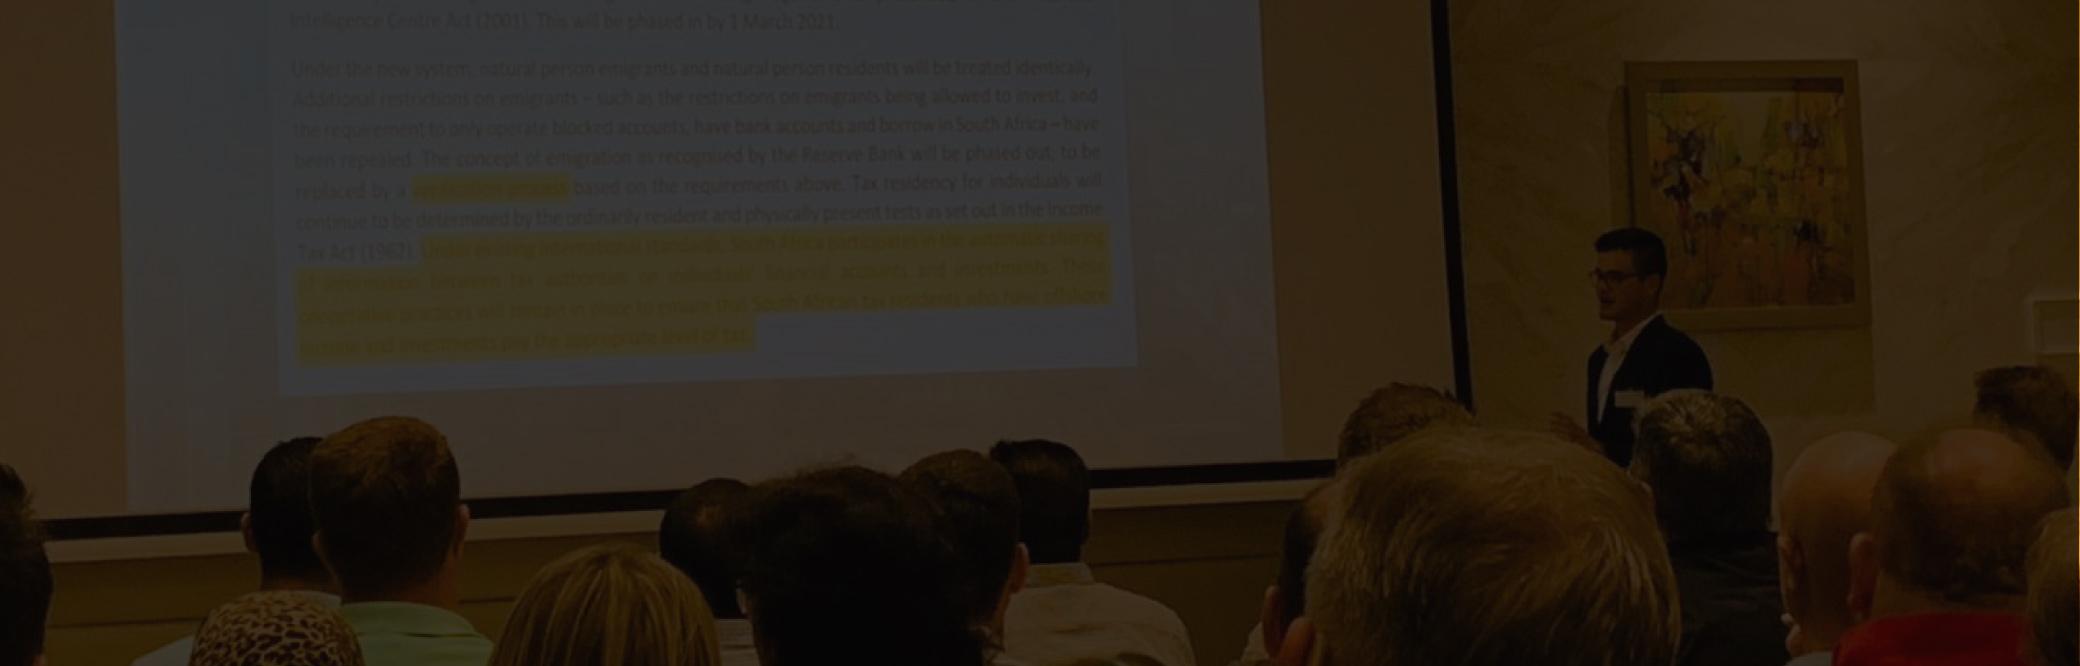 Jonty-Presentation-slider